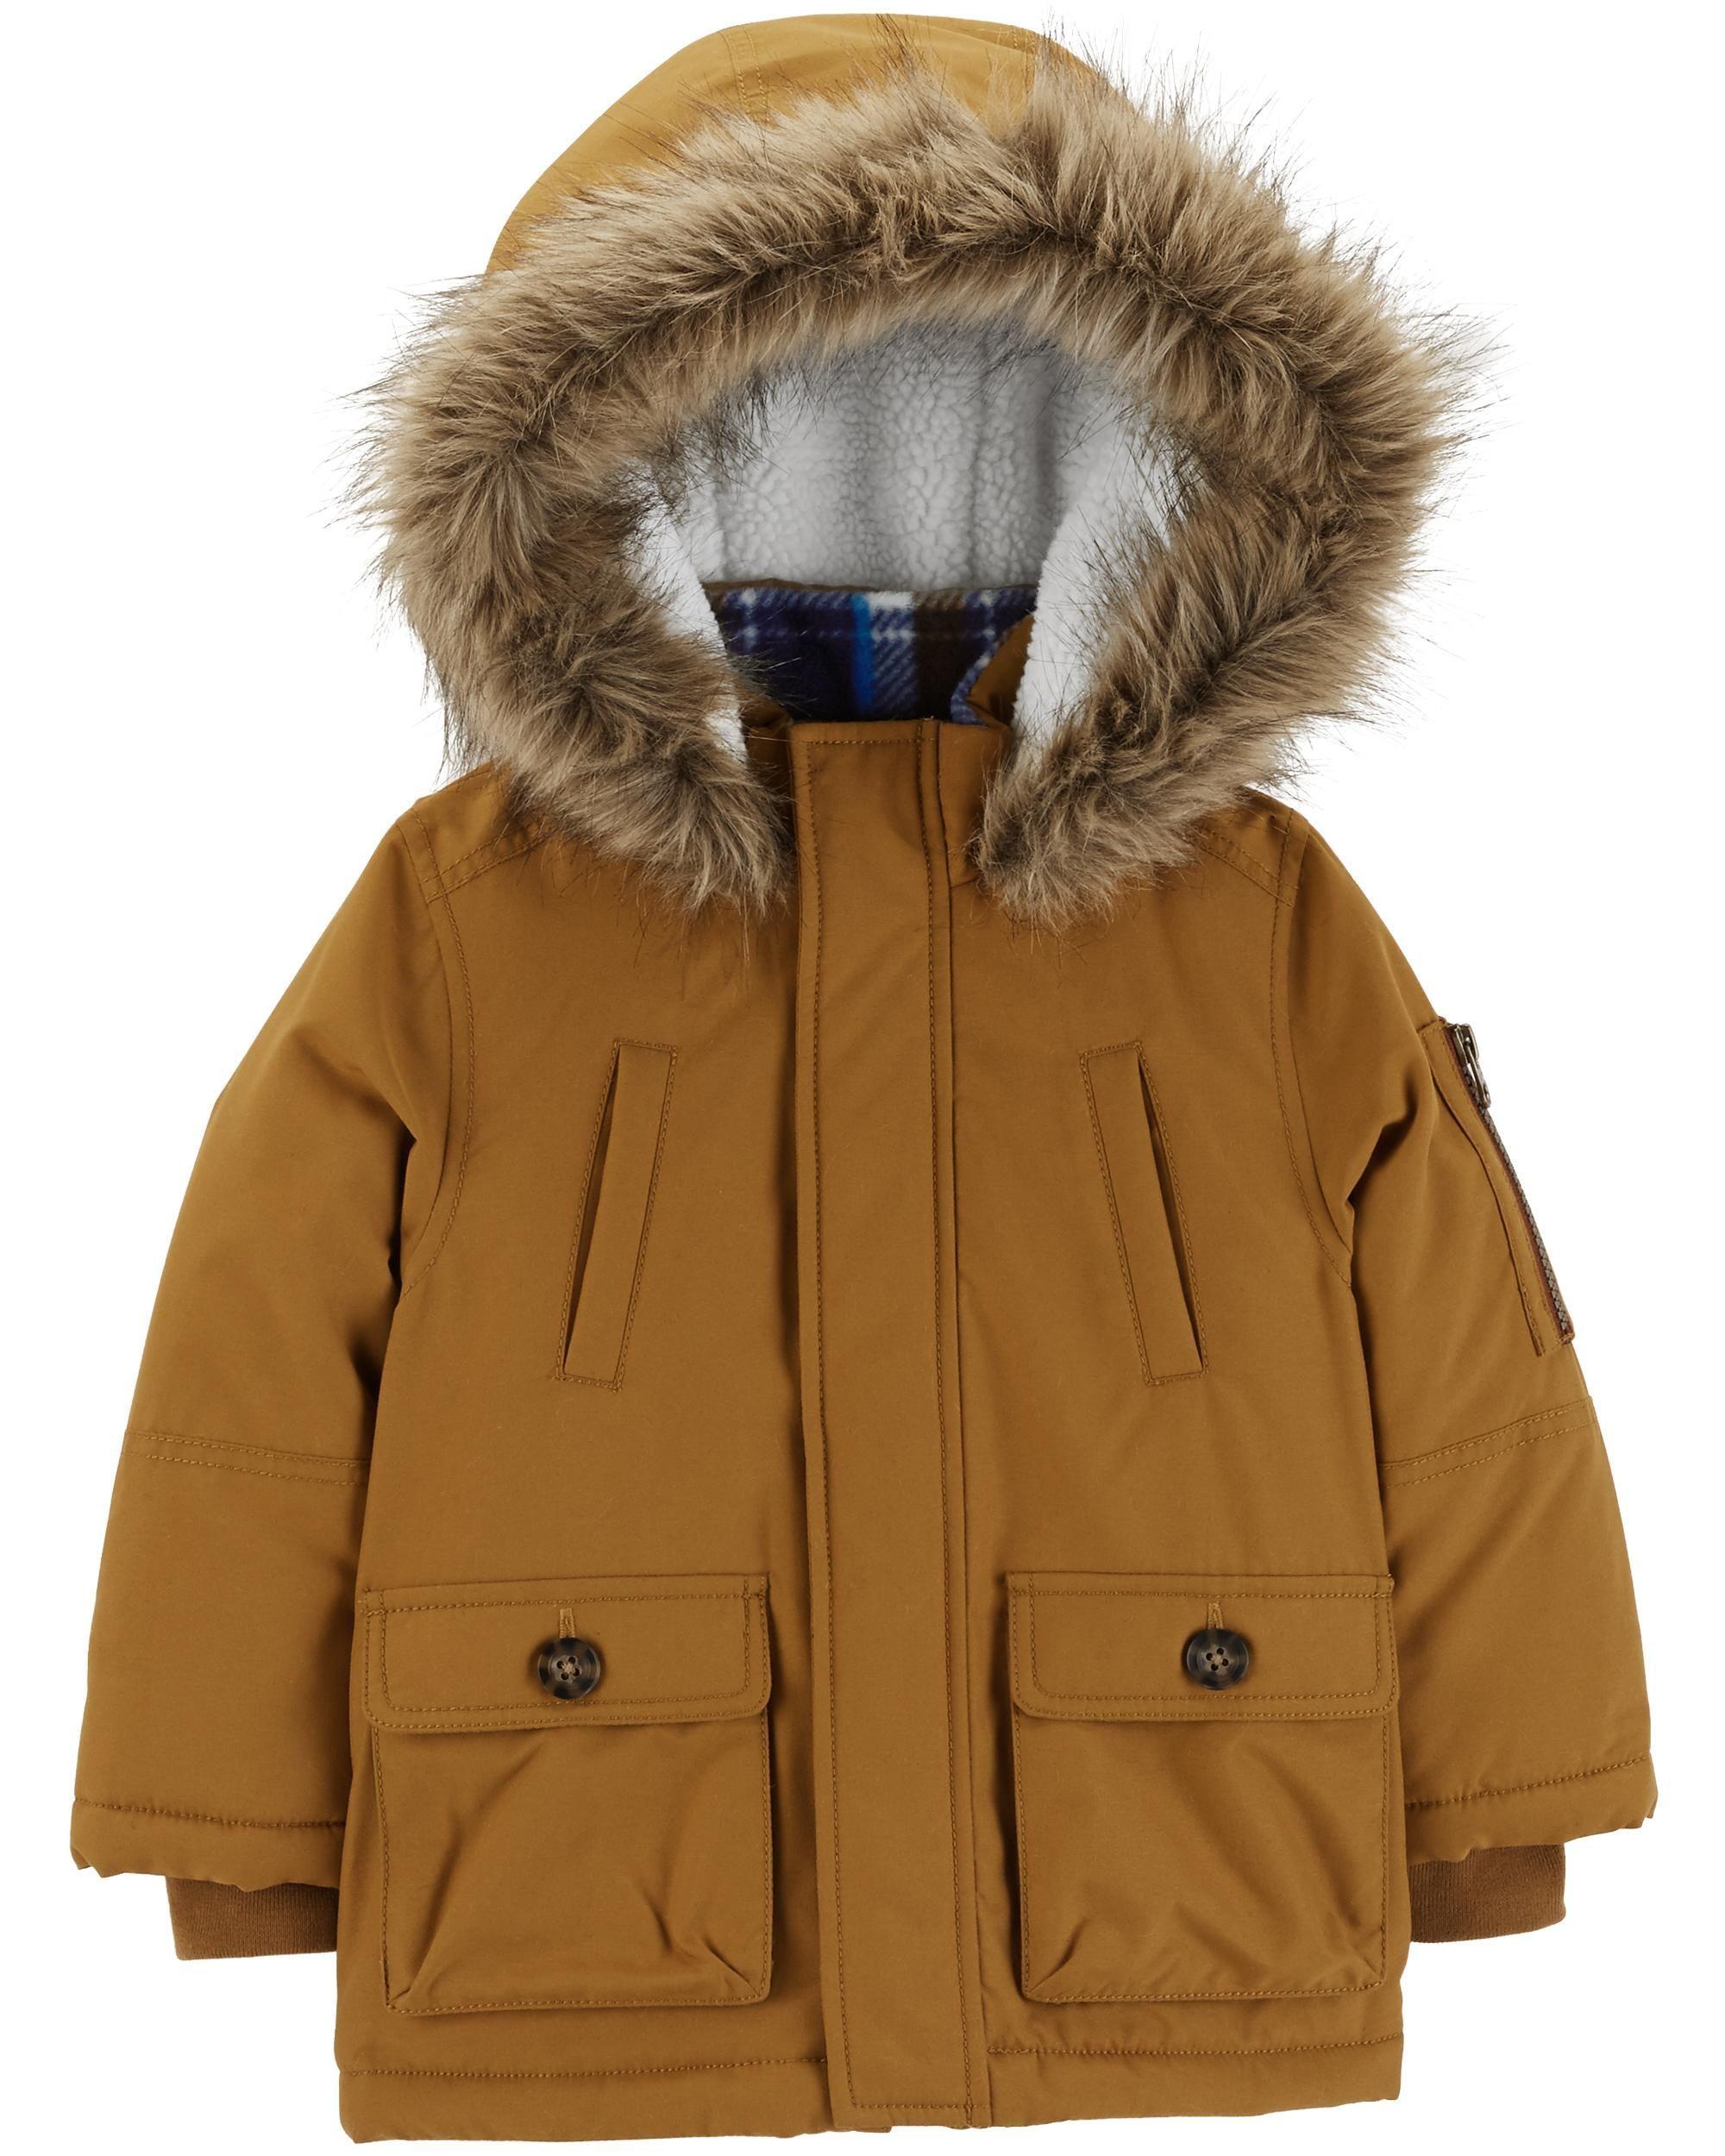 Hooded Parka Jacket Hooded Parka Jacket Boy Outerwear Baby Boy Jackets [ 2500 x 2000 Pixel ]